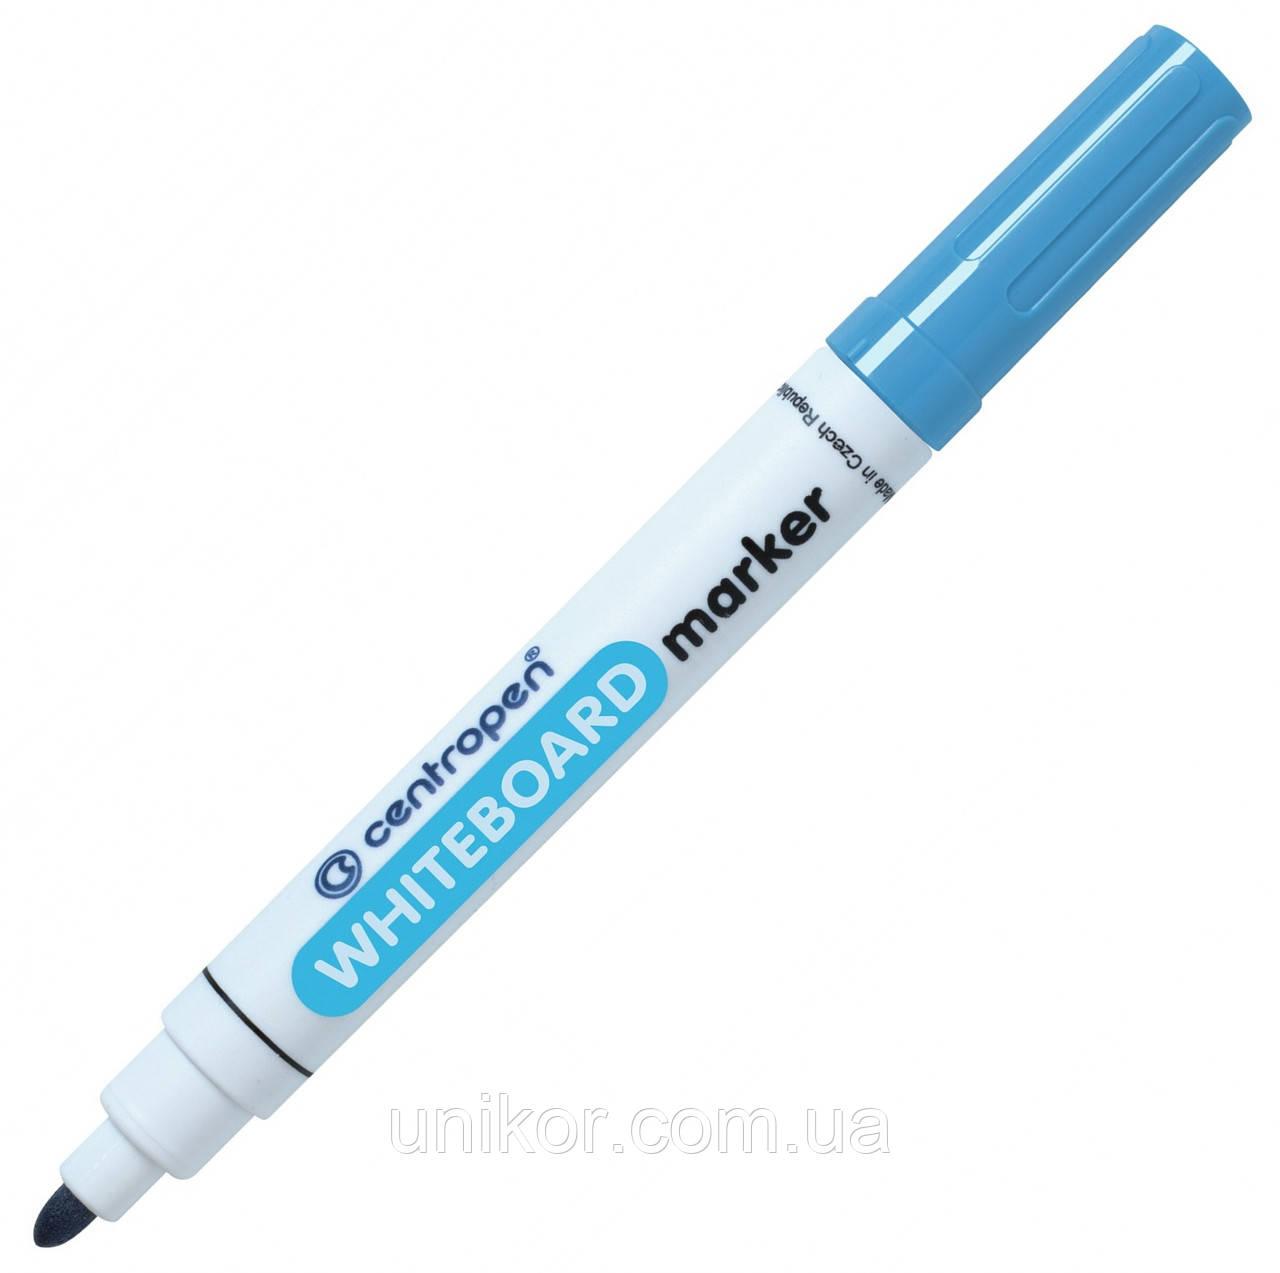 Маркер для сухостираемых досок, 2.5 мм., голубой. CENTROPEN